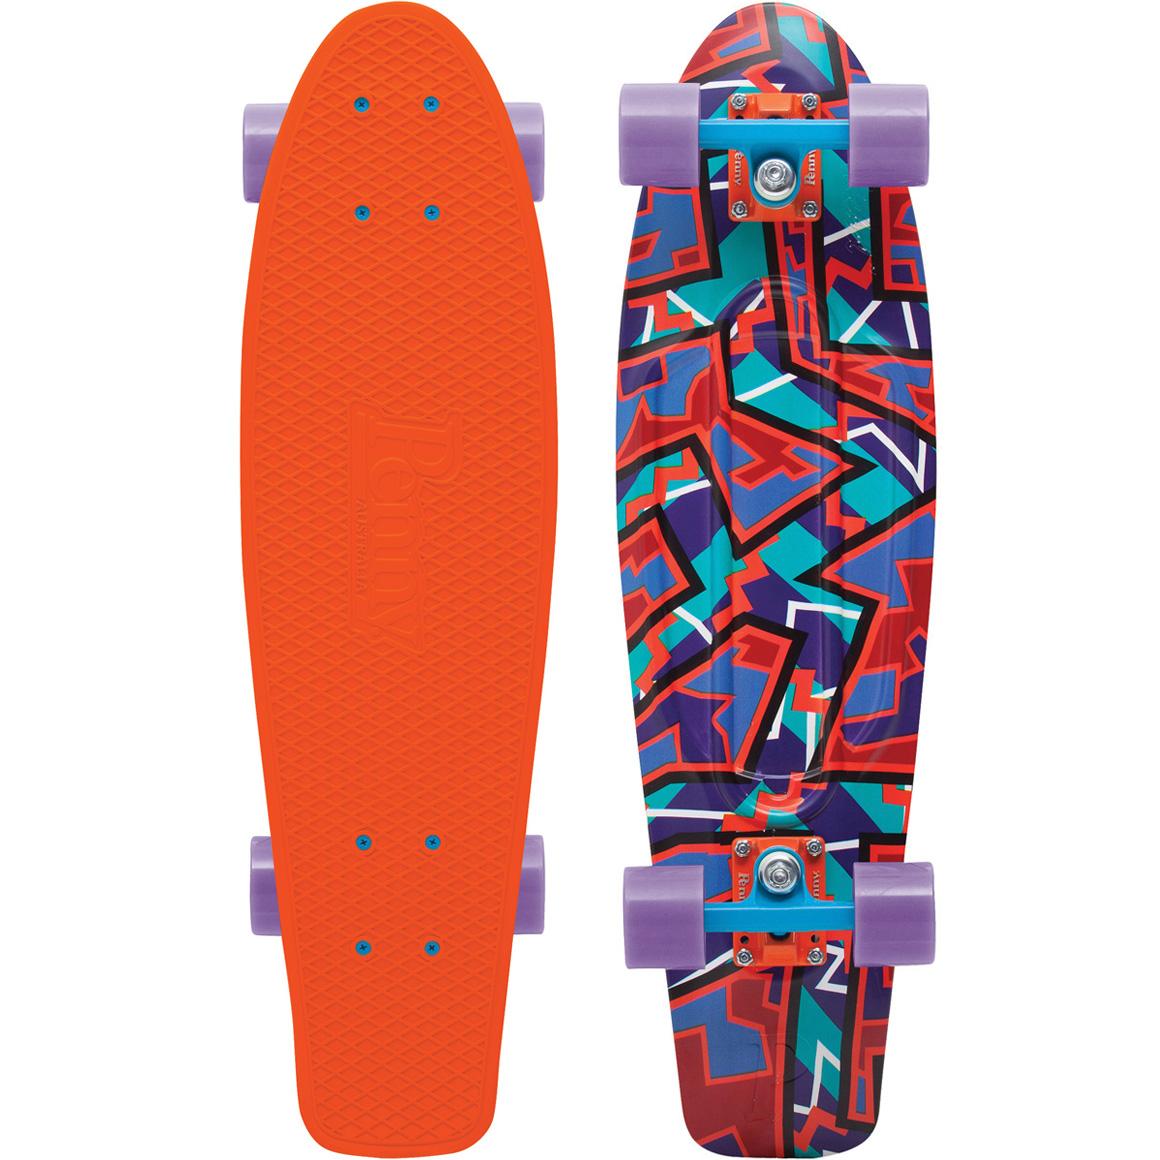 Пенни борд Penny Nickel, цвет: оранжевый, фиолетовый, черный, дека 69 х 19 см пенни борд фото для девочек